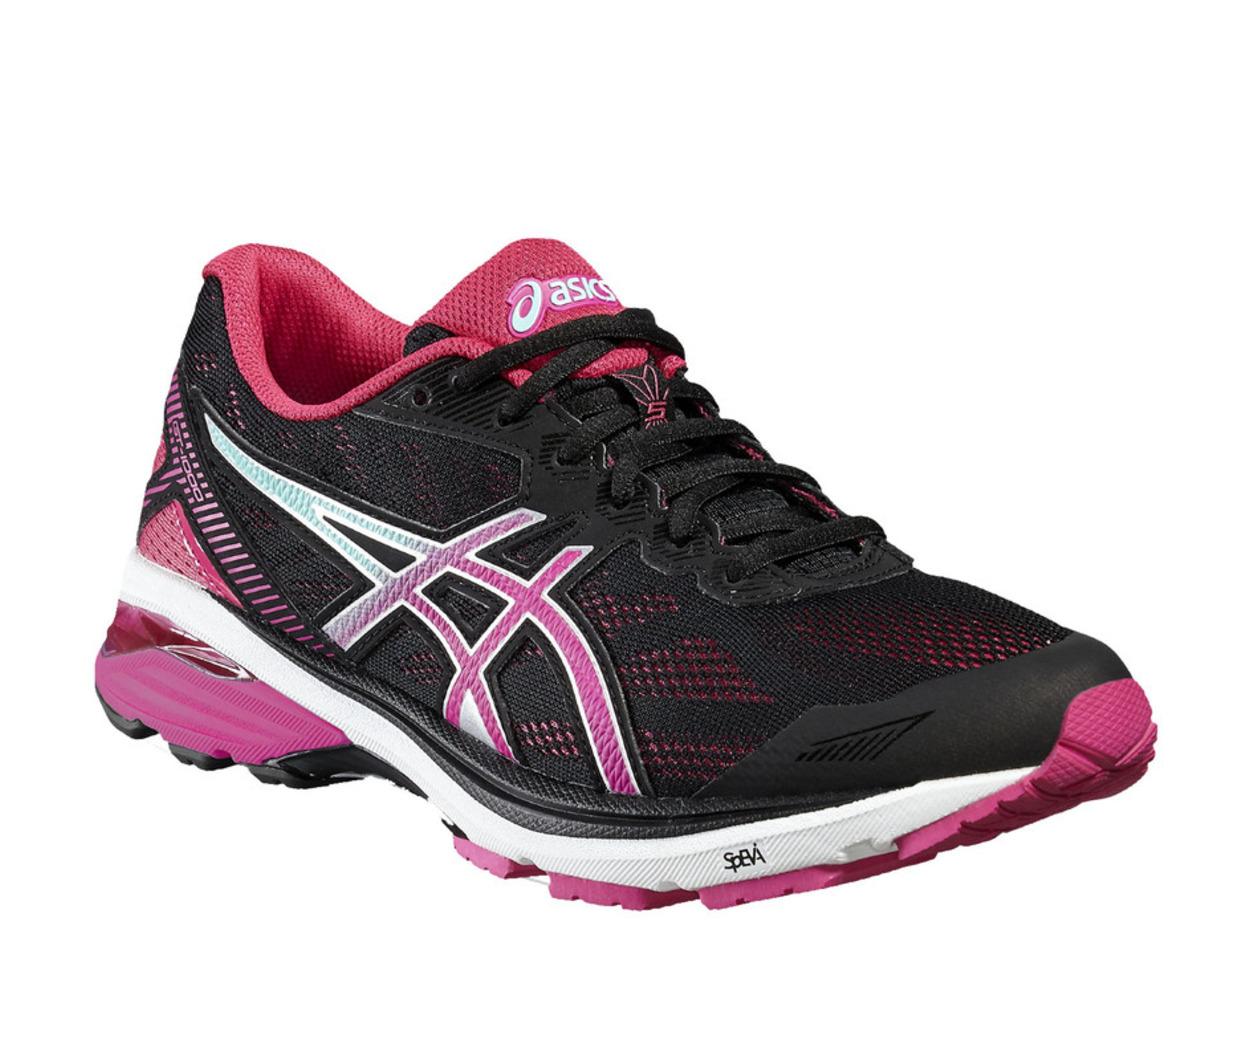 Asics GT-1000 5 Mujer Negro/Rosa/Azul Zapatos De Entrenamiento Nuevo